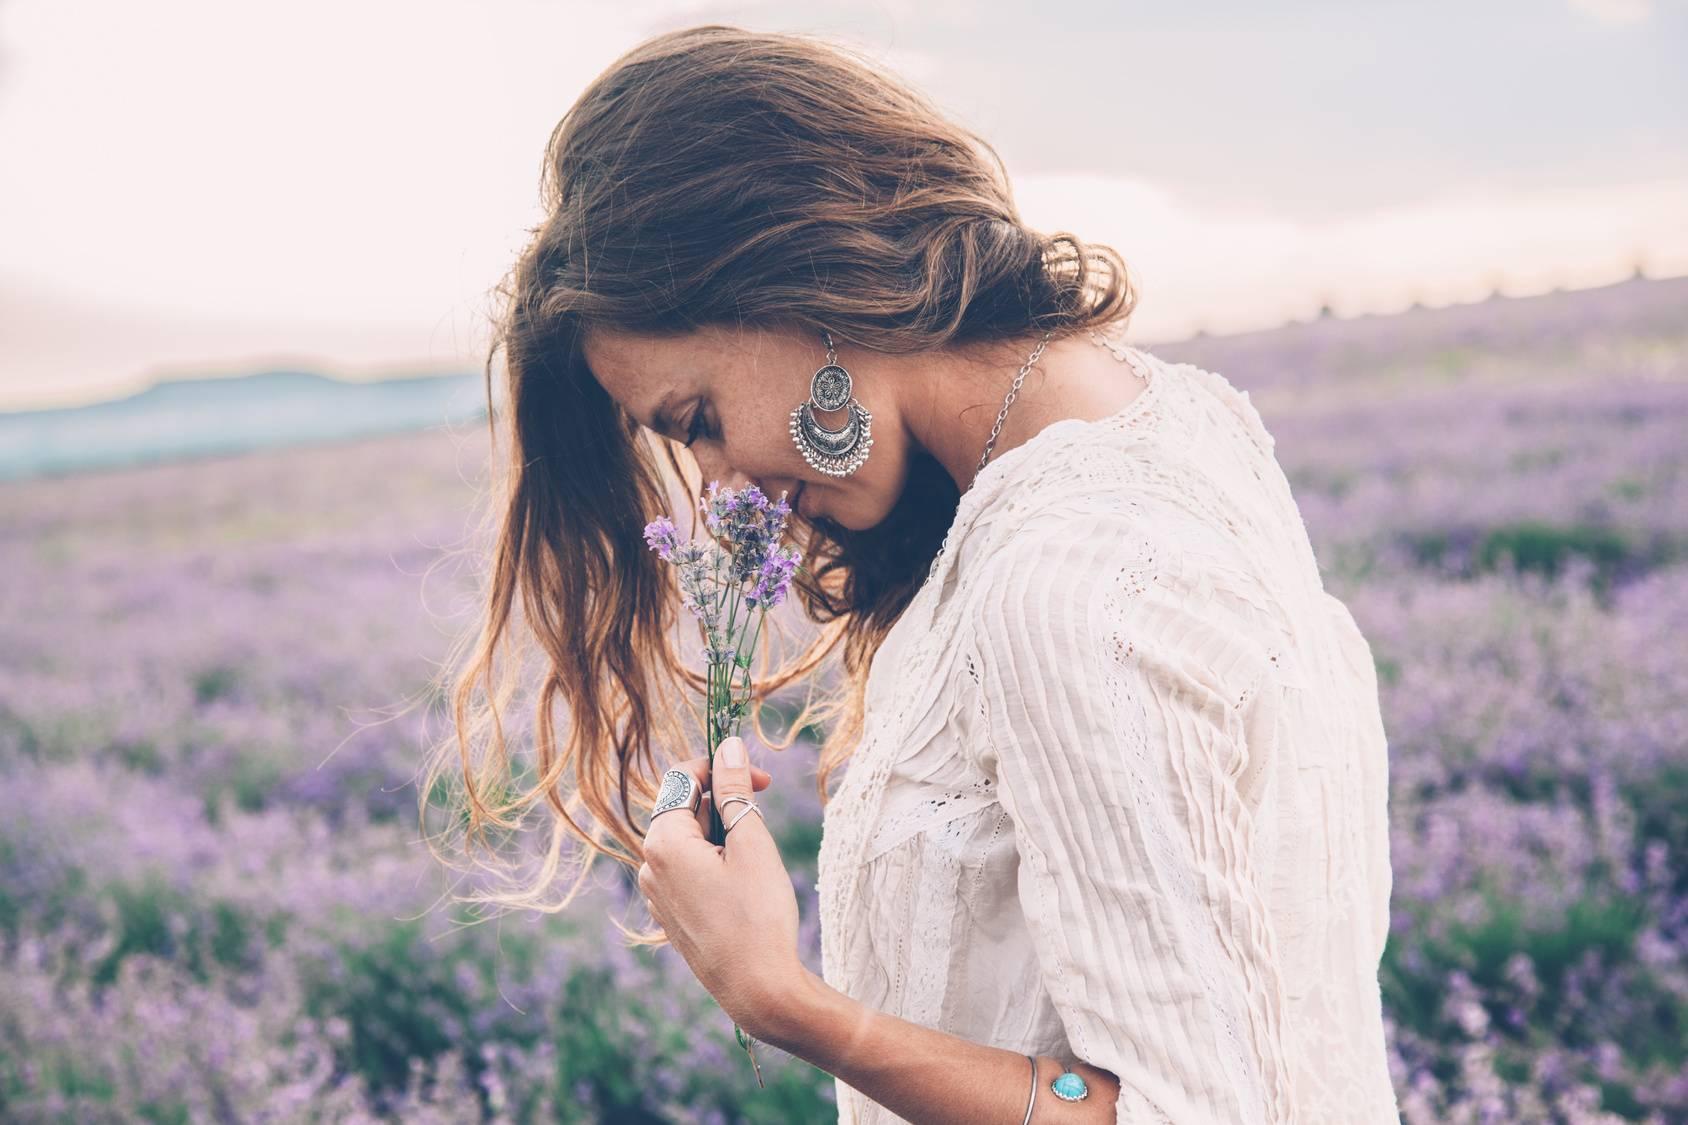 Jak walczyć z depresją wg zasad tradycyjnej medycyny chińskiej? Atrakcyjna kobieta w białej zwiewnej letniej sukience i długich kolczykach spaceruje po łące i wącha zerwany bukiecik fioletowych kwiatów.